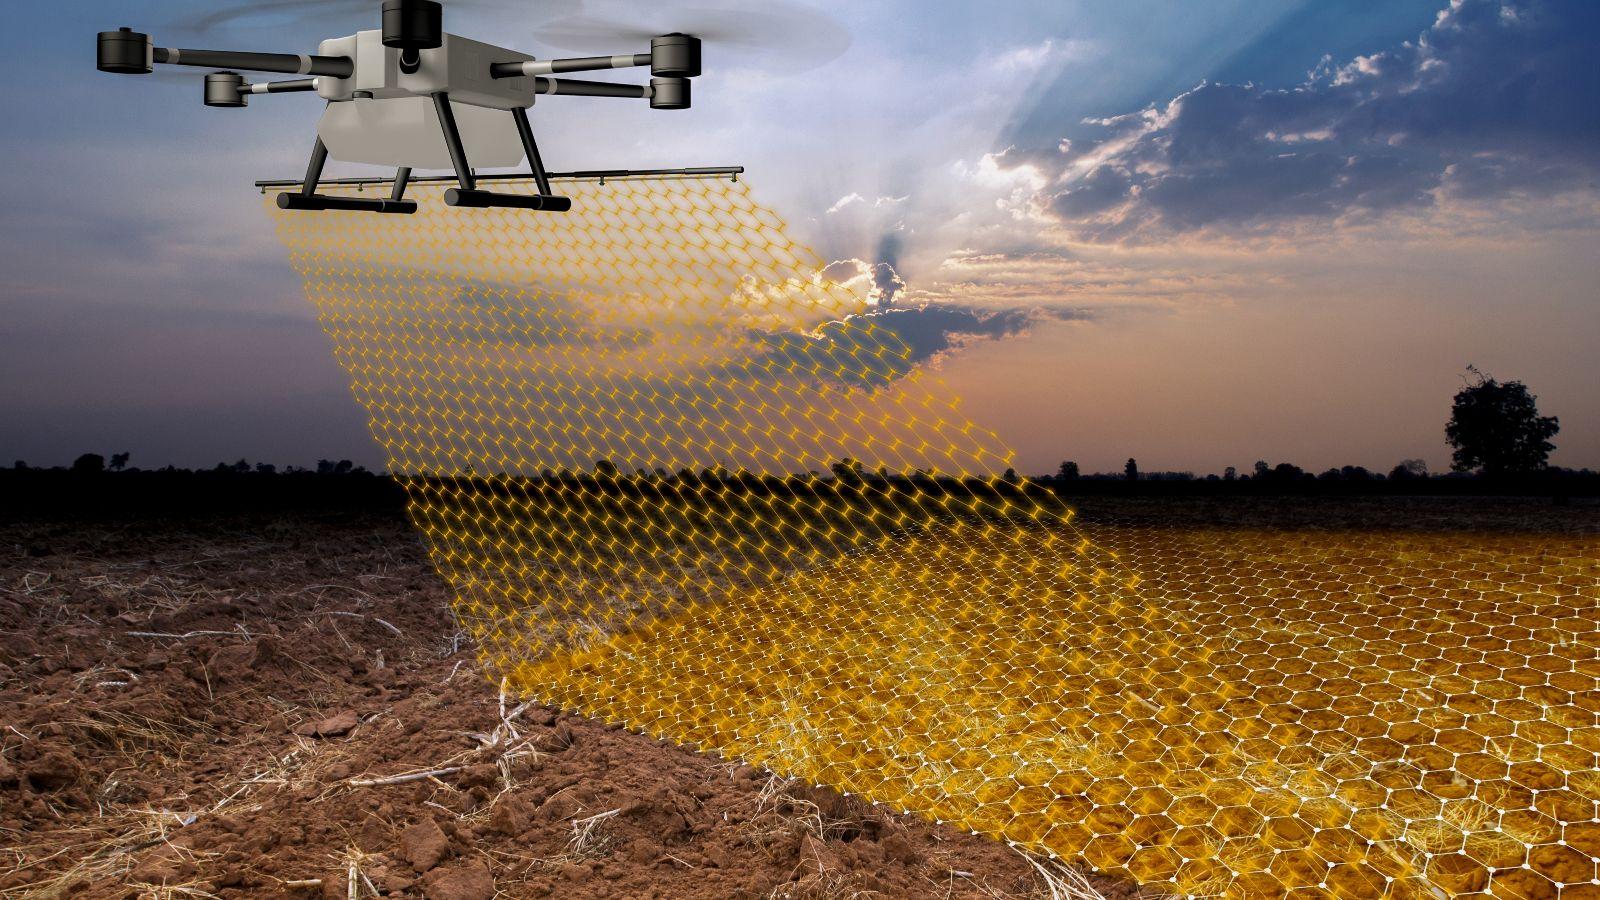 Eine graphische Darstellung illustriert eine Drohne, die mithilfe digitaler Messtechnik die Oberfläche eines Ackers abscannt.